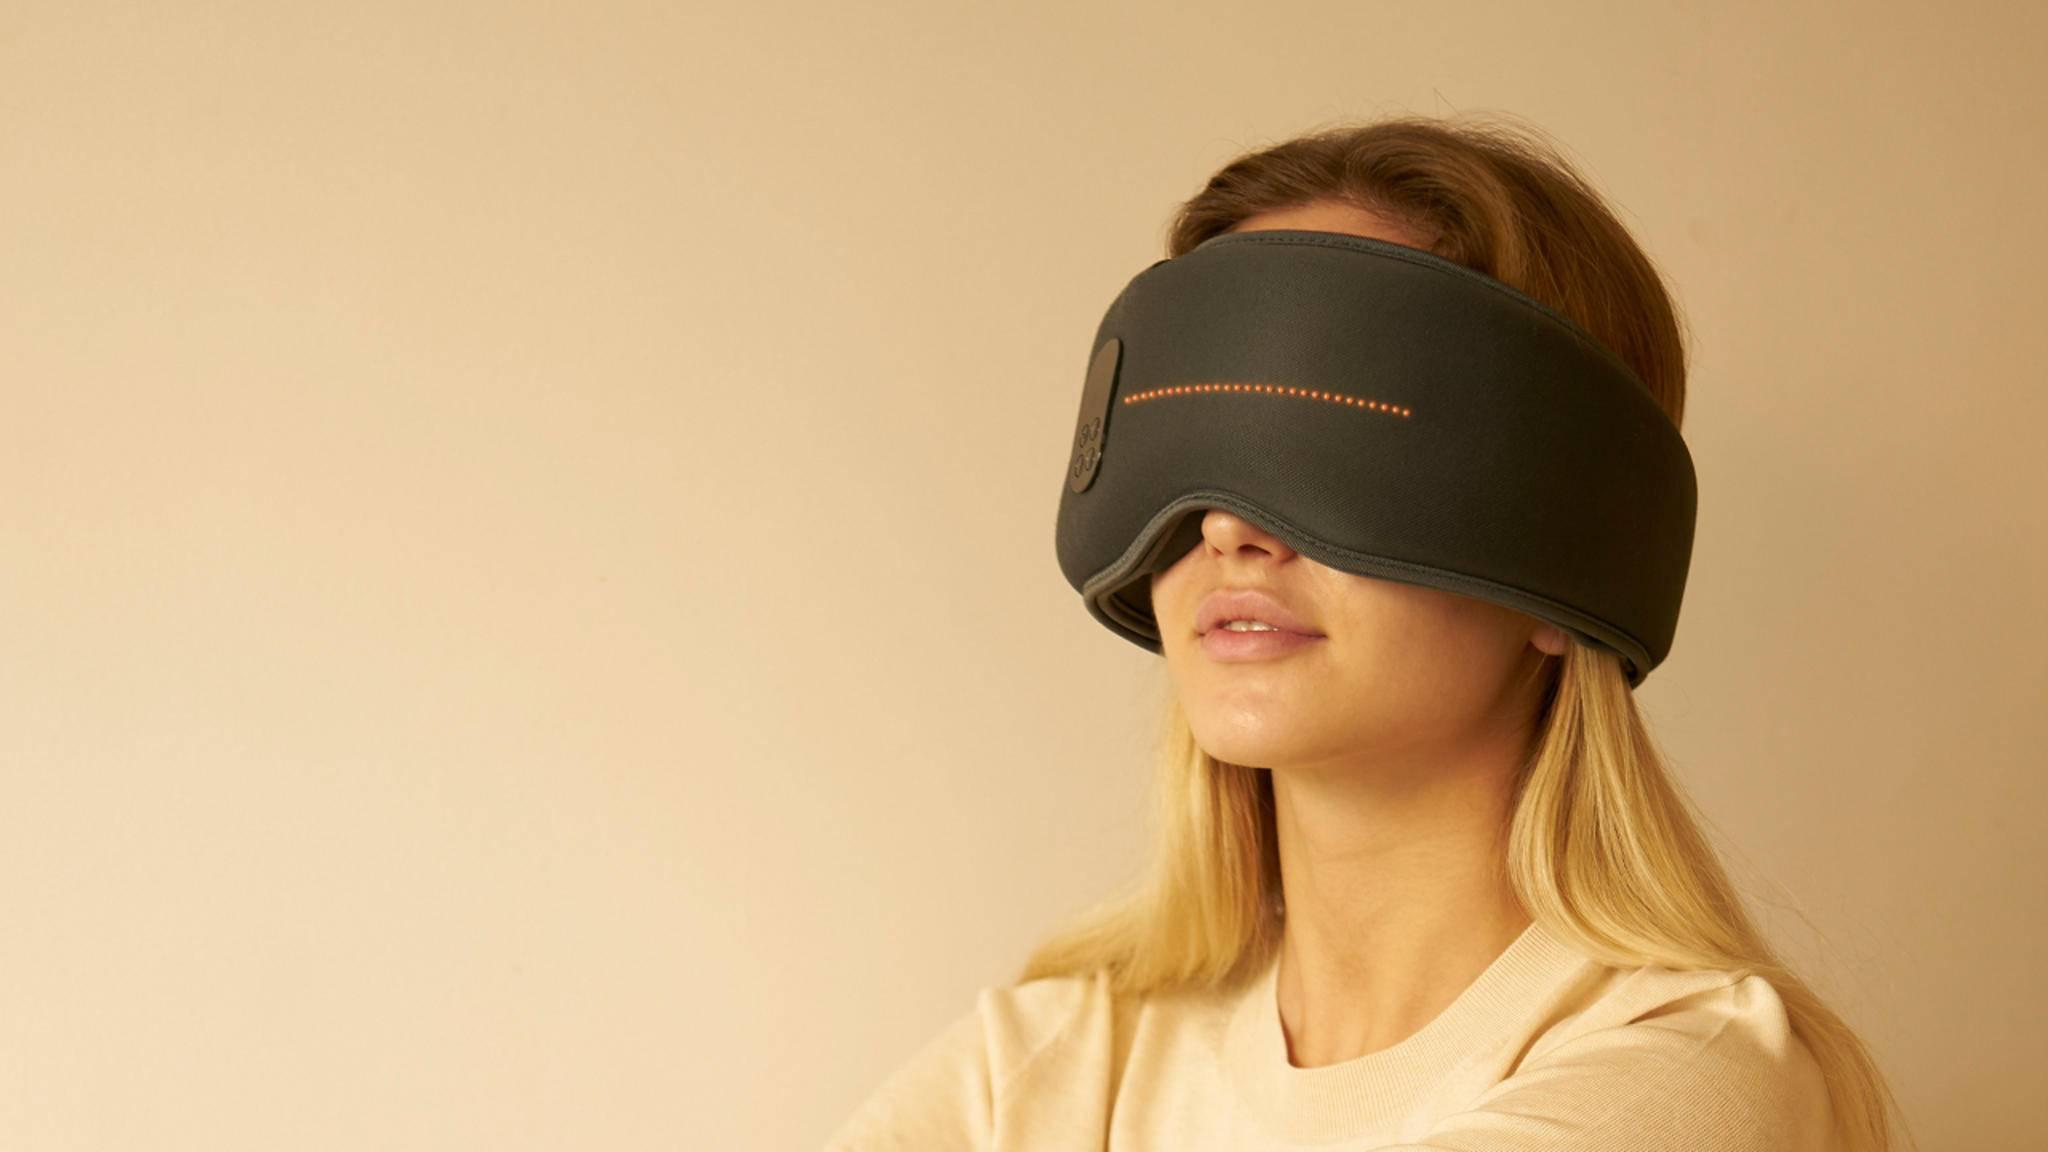 Diese Maske soll erholsamen Schlaf garantieren.